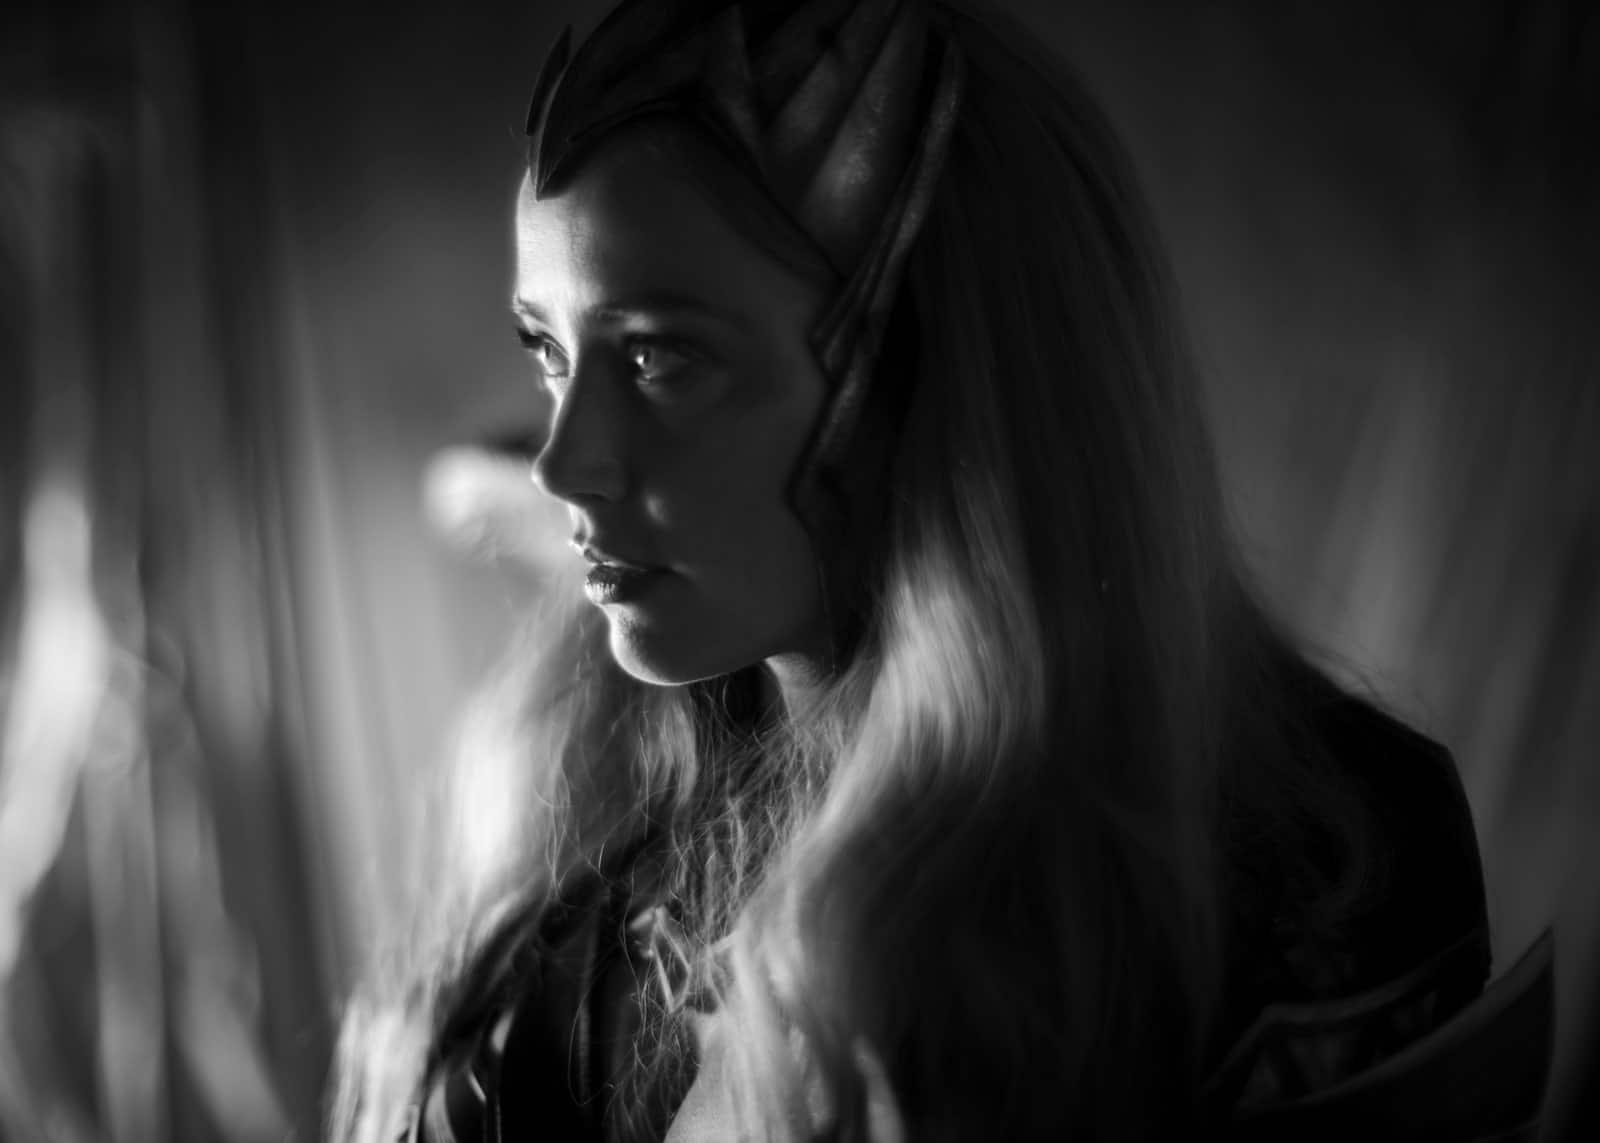 Amber Heard come Mera fotografata da Zack Snyder